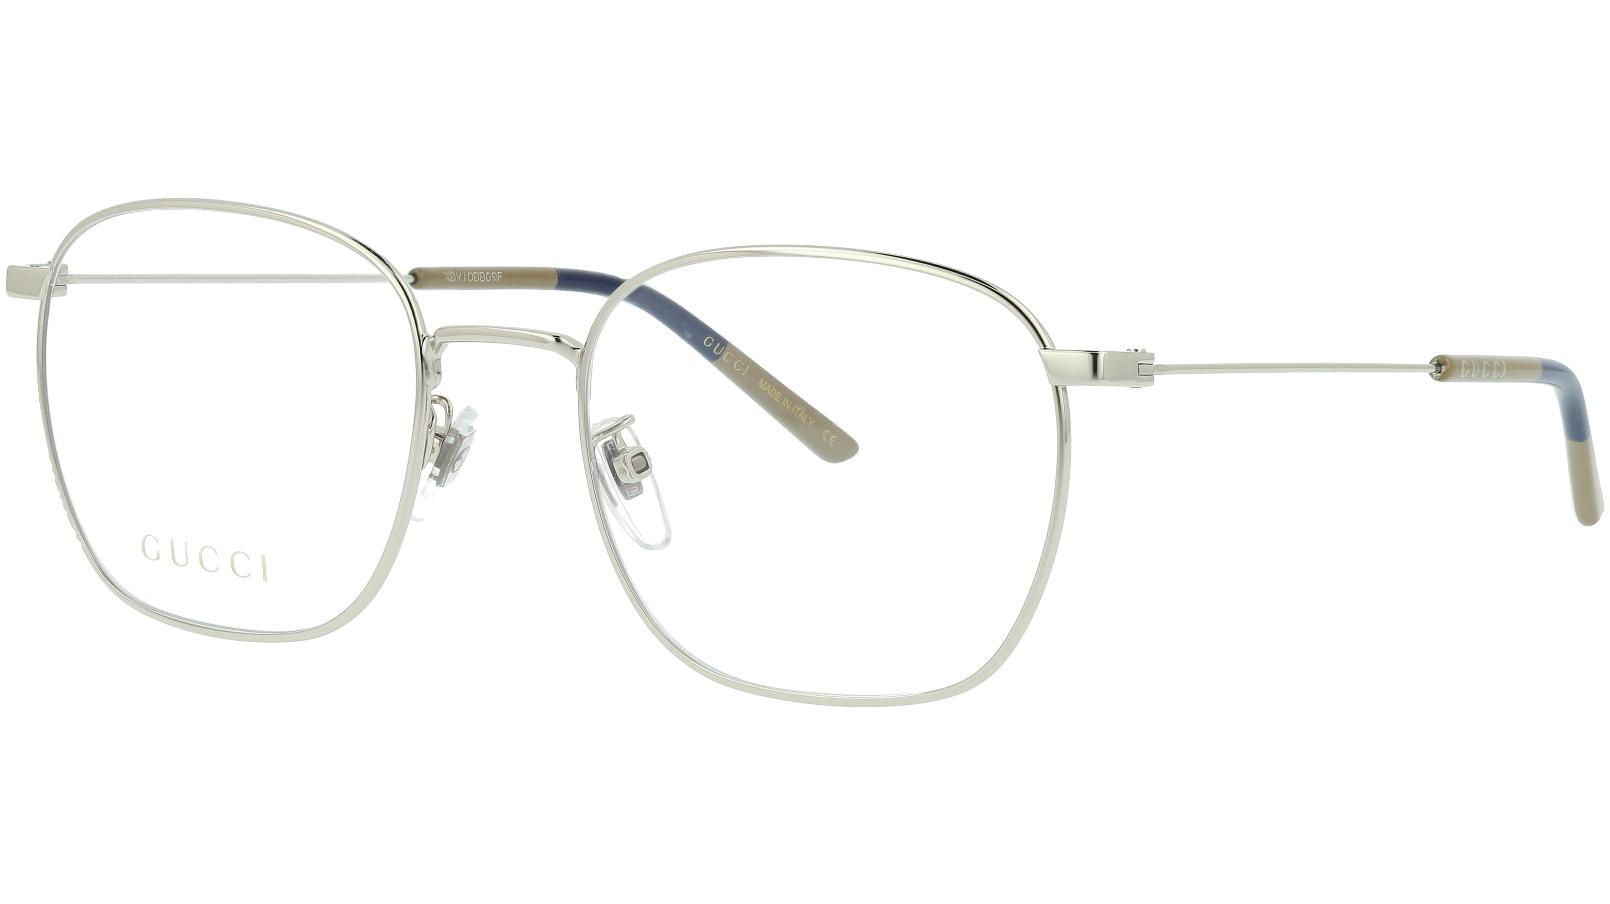 Gucci GG0681O 003 54 SILVER Glasses